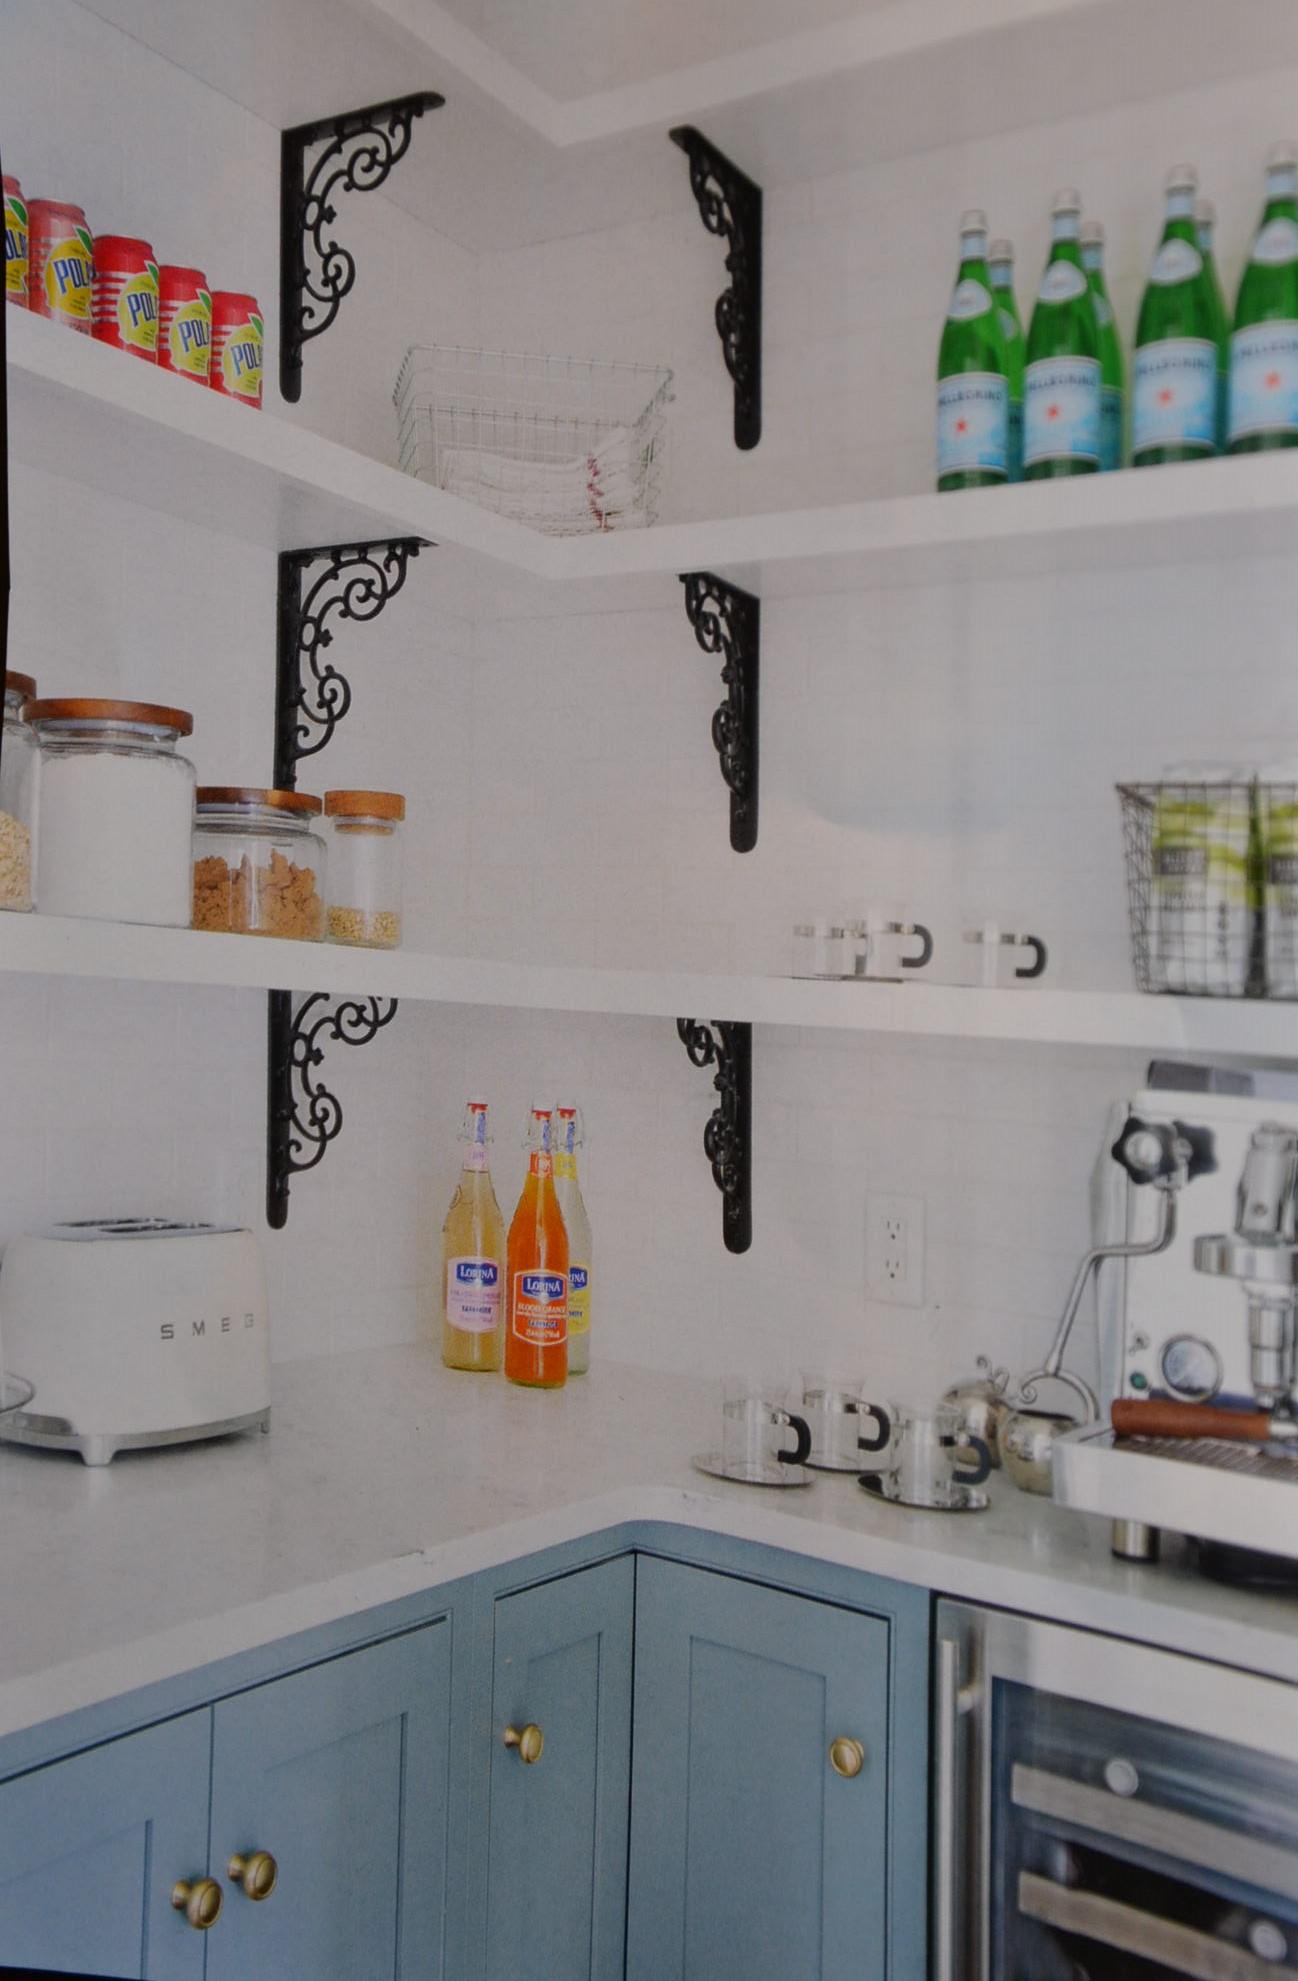 Great Use of Brackets in Open Shelves